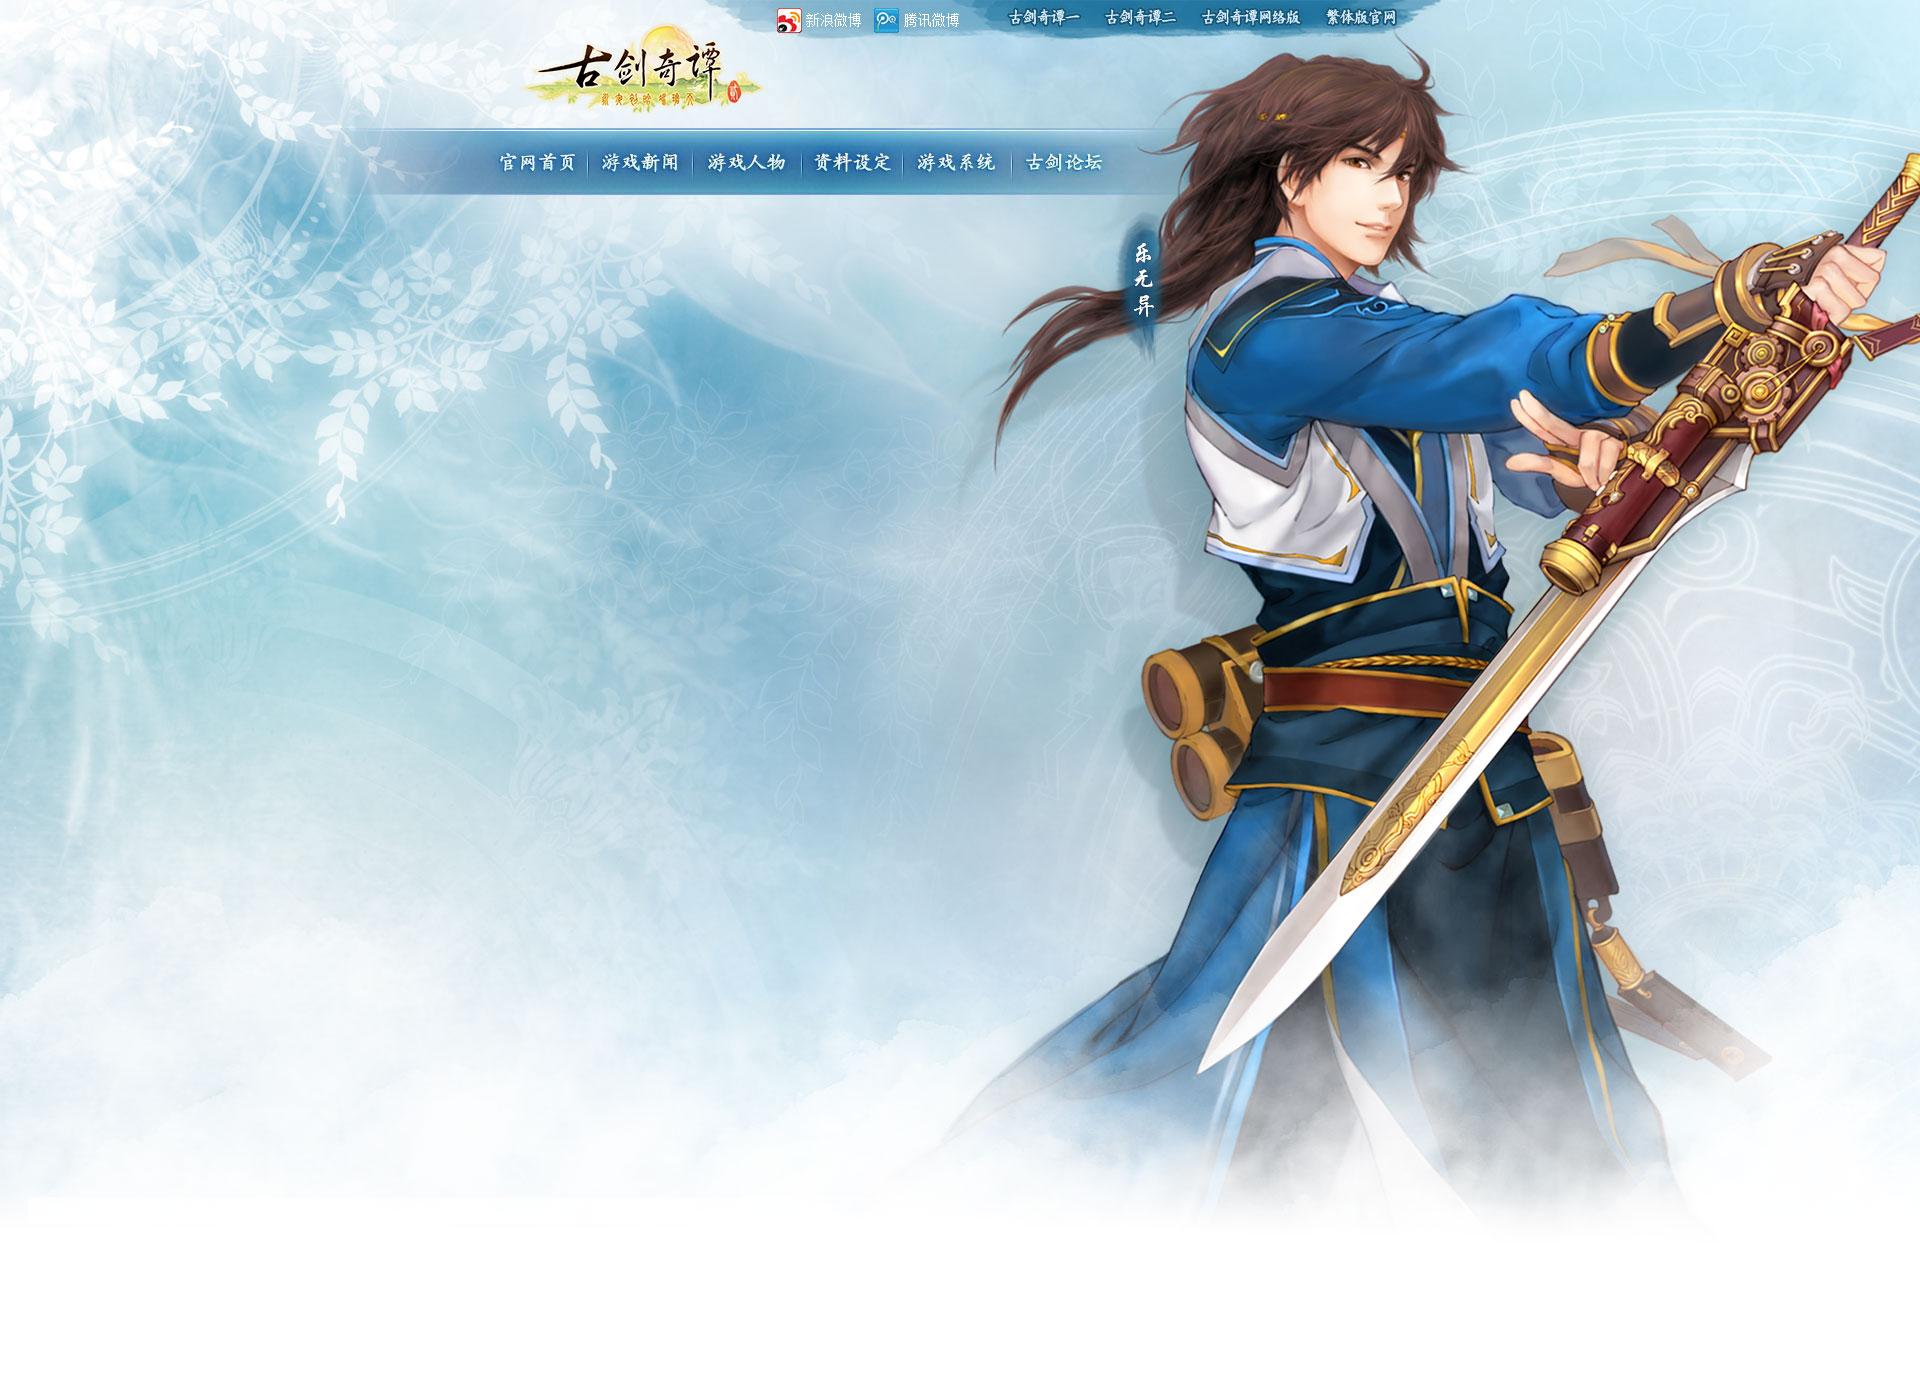 《古剑奇谭二》官方网站